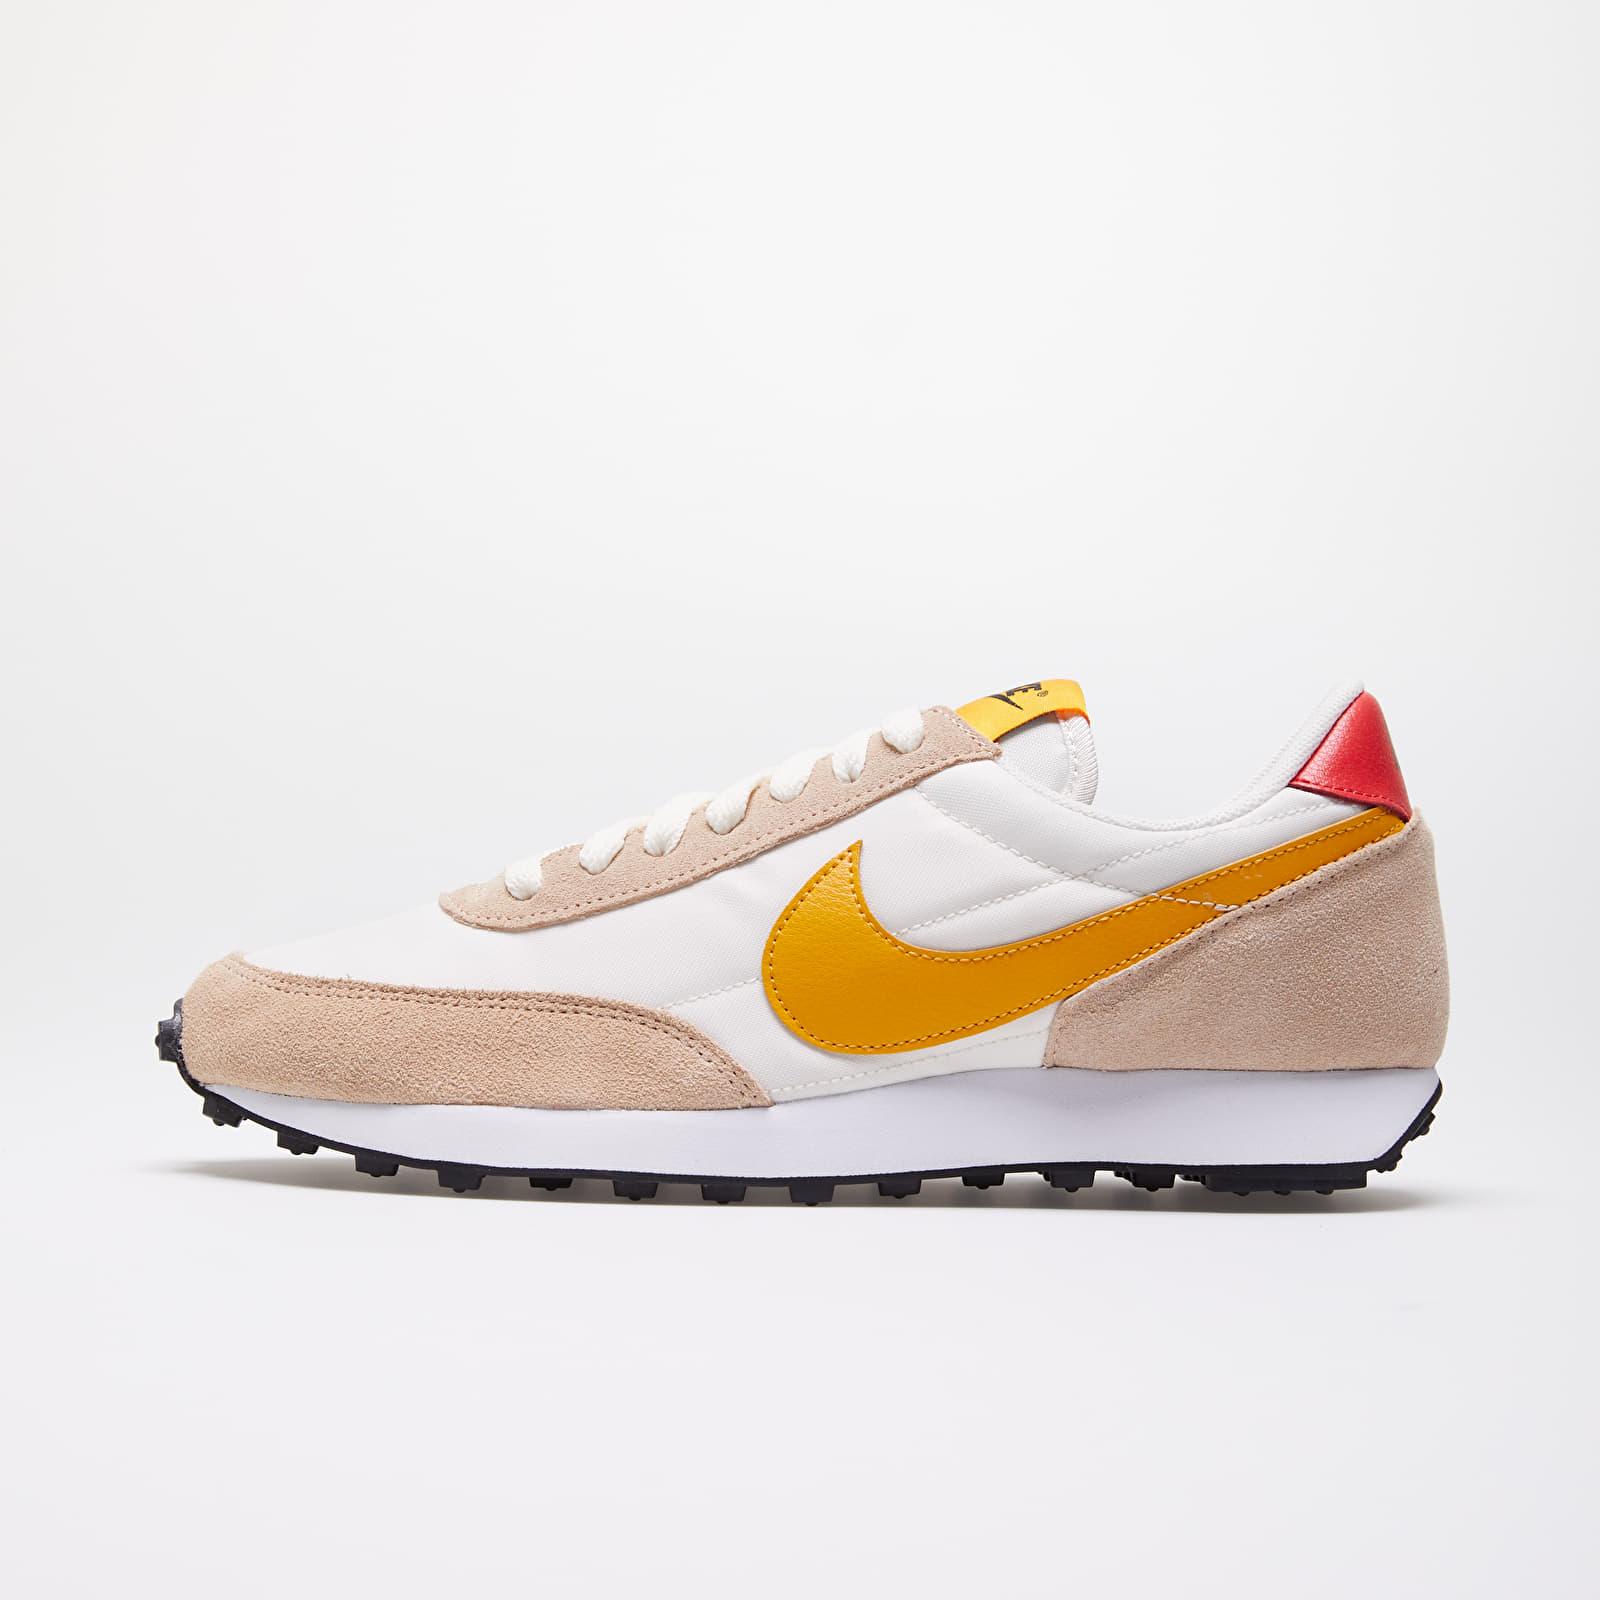 Dámské tenisky a boty Nike W Daybreak Pale Ivory/ Pollen Rise-Shimmer-Track Red